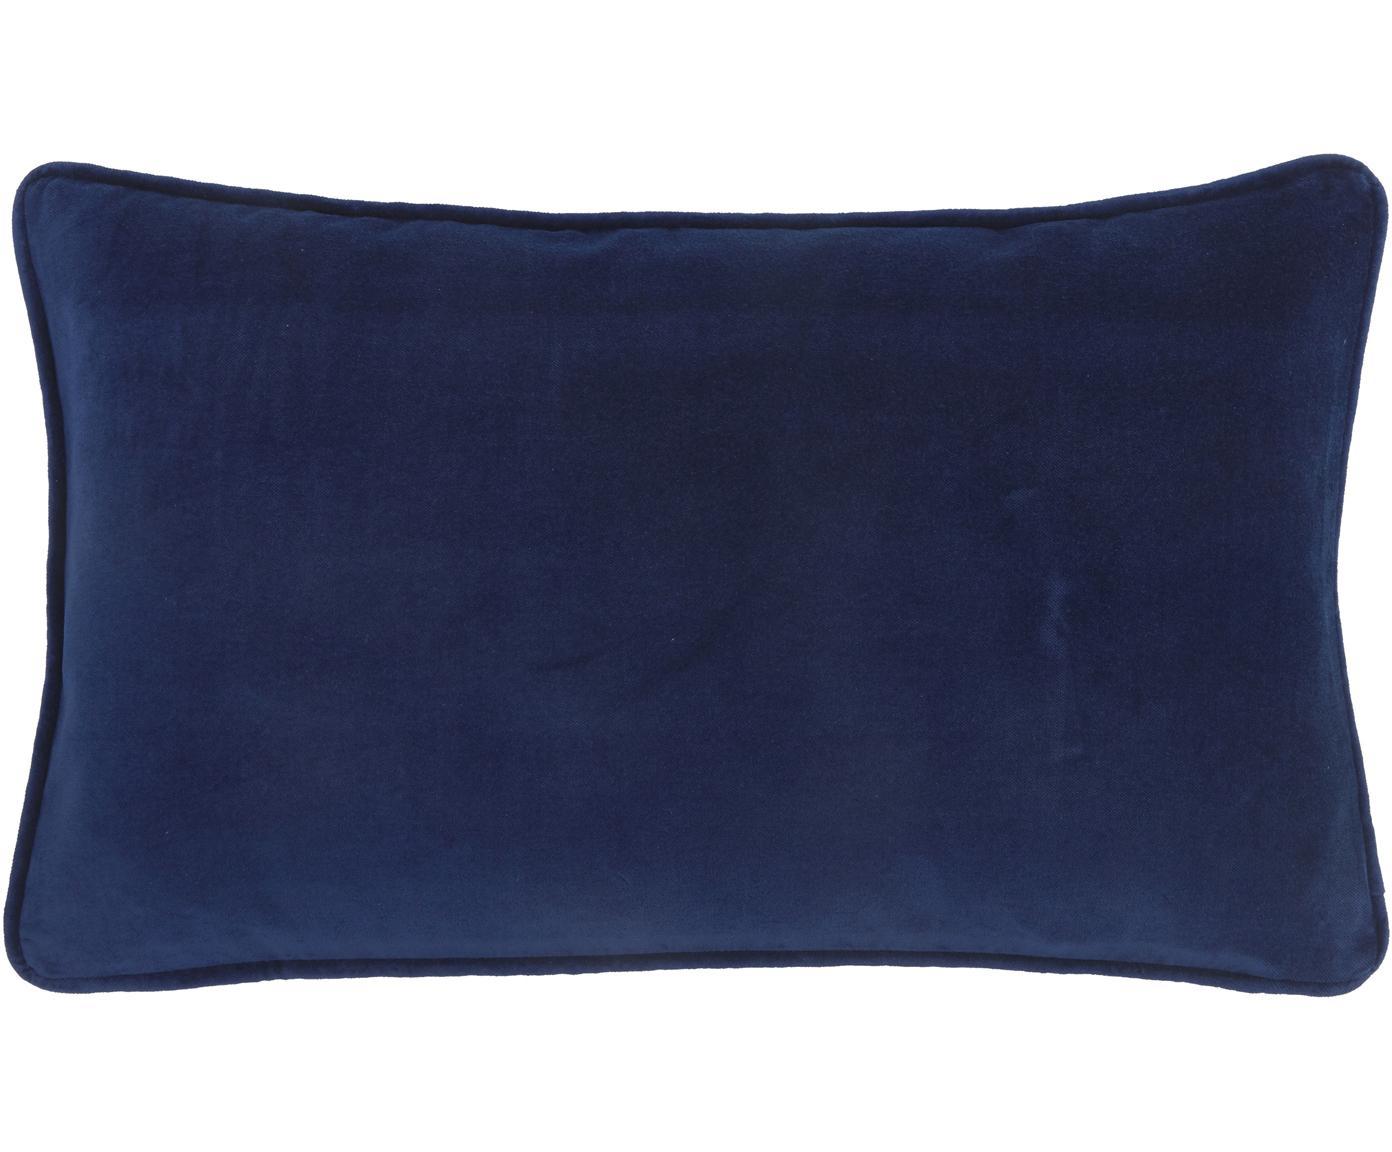 Poszewka na poduszkę z aksamitu Dana, Aksamit bawełniany, Marynarski granat, S 30 x D 50 cm